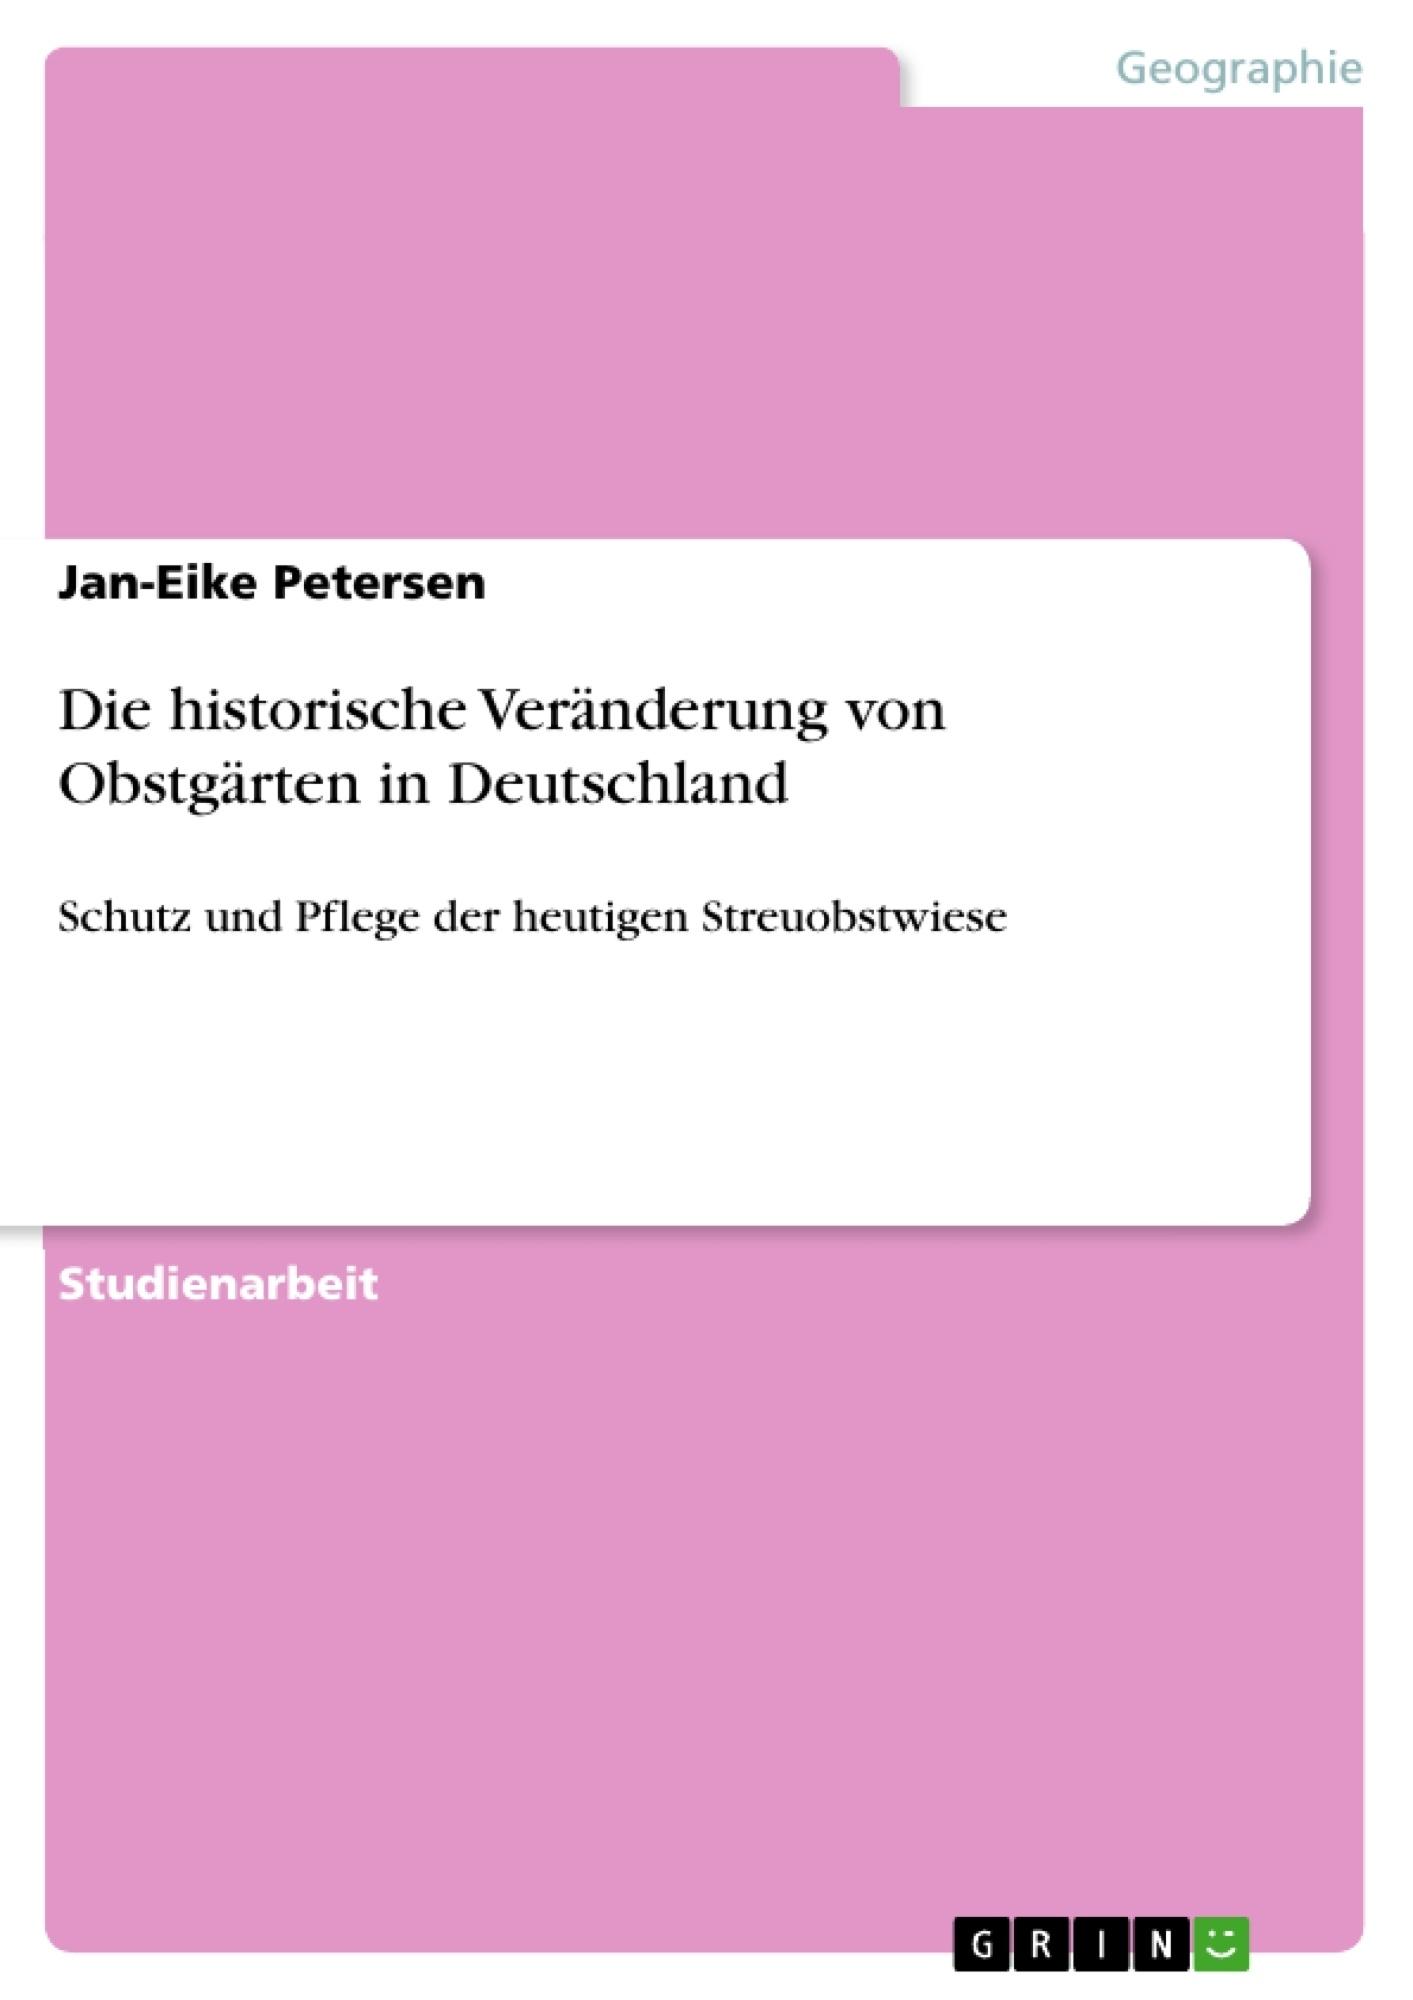 Titel: Die historische Veränderung von Obstgärten in Deutschland